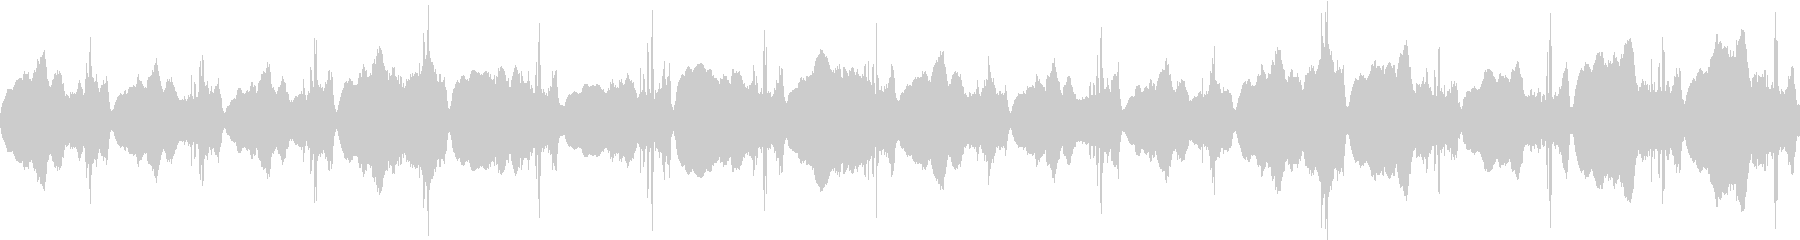 何かが起きる前兆、不吉な予感:不協和音の未再生の波形